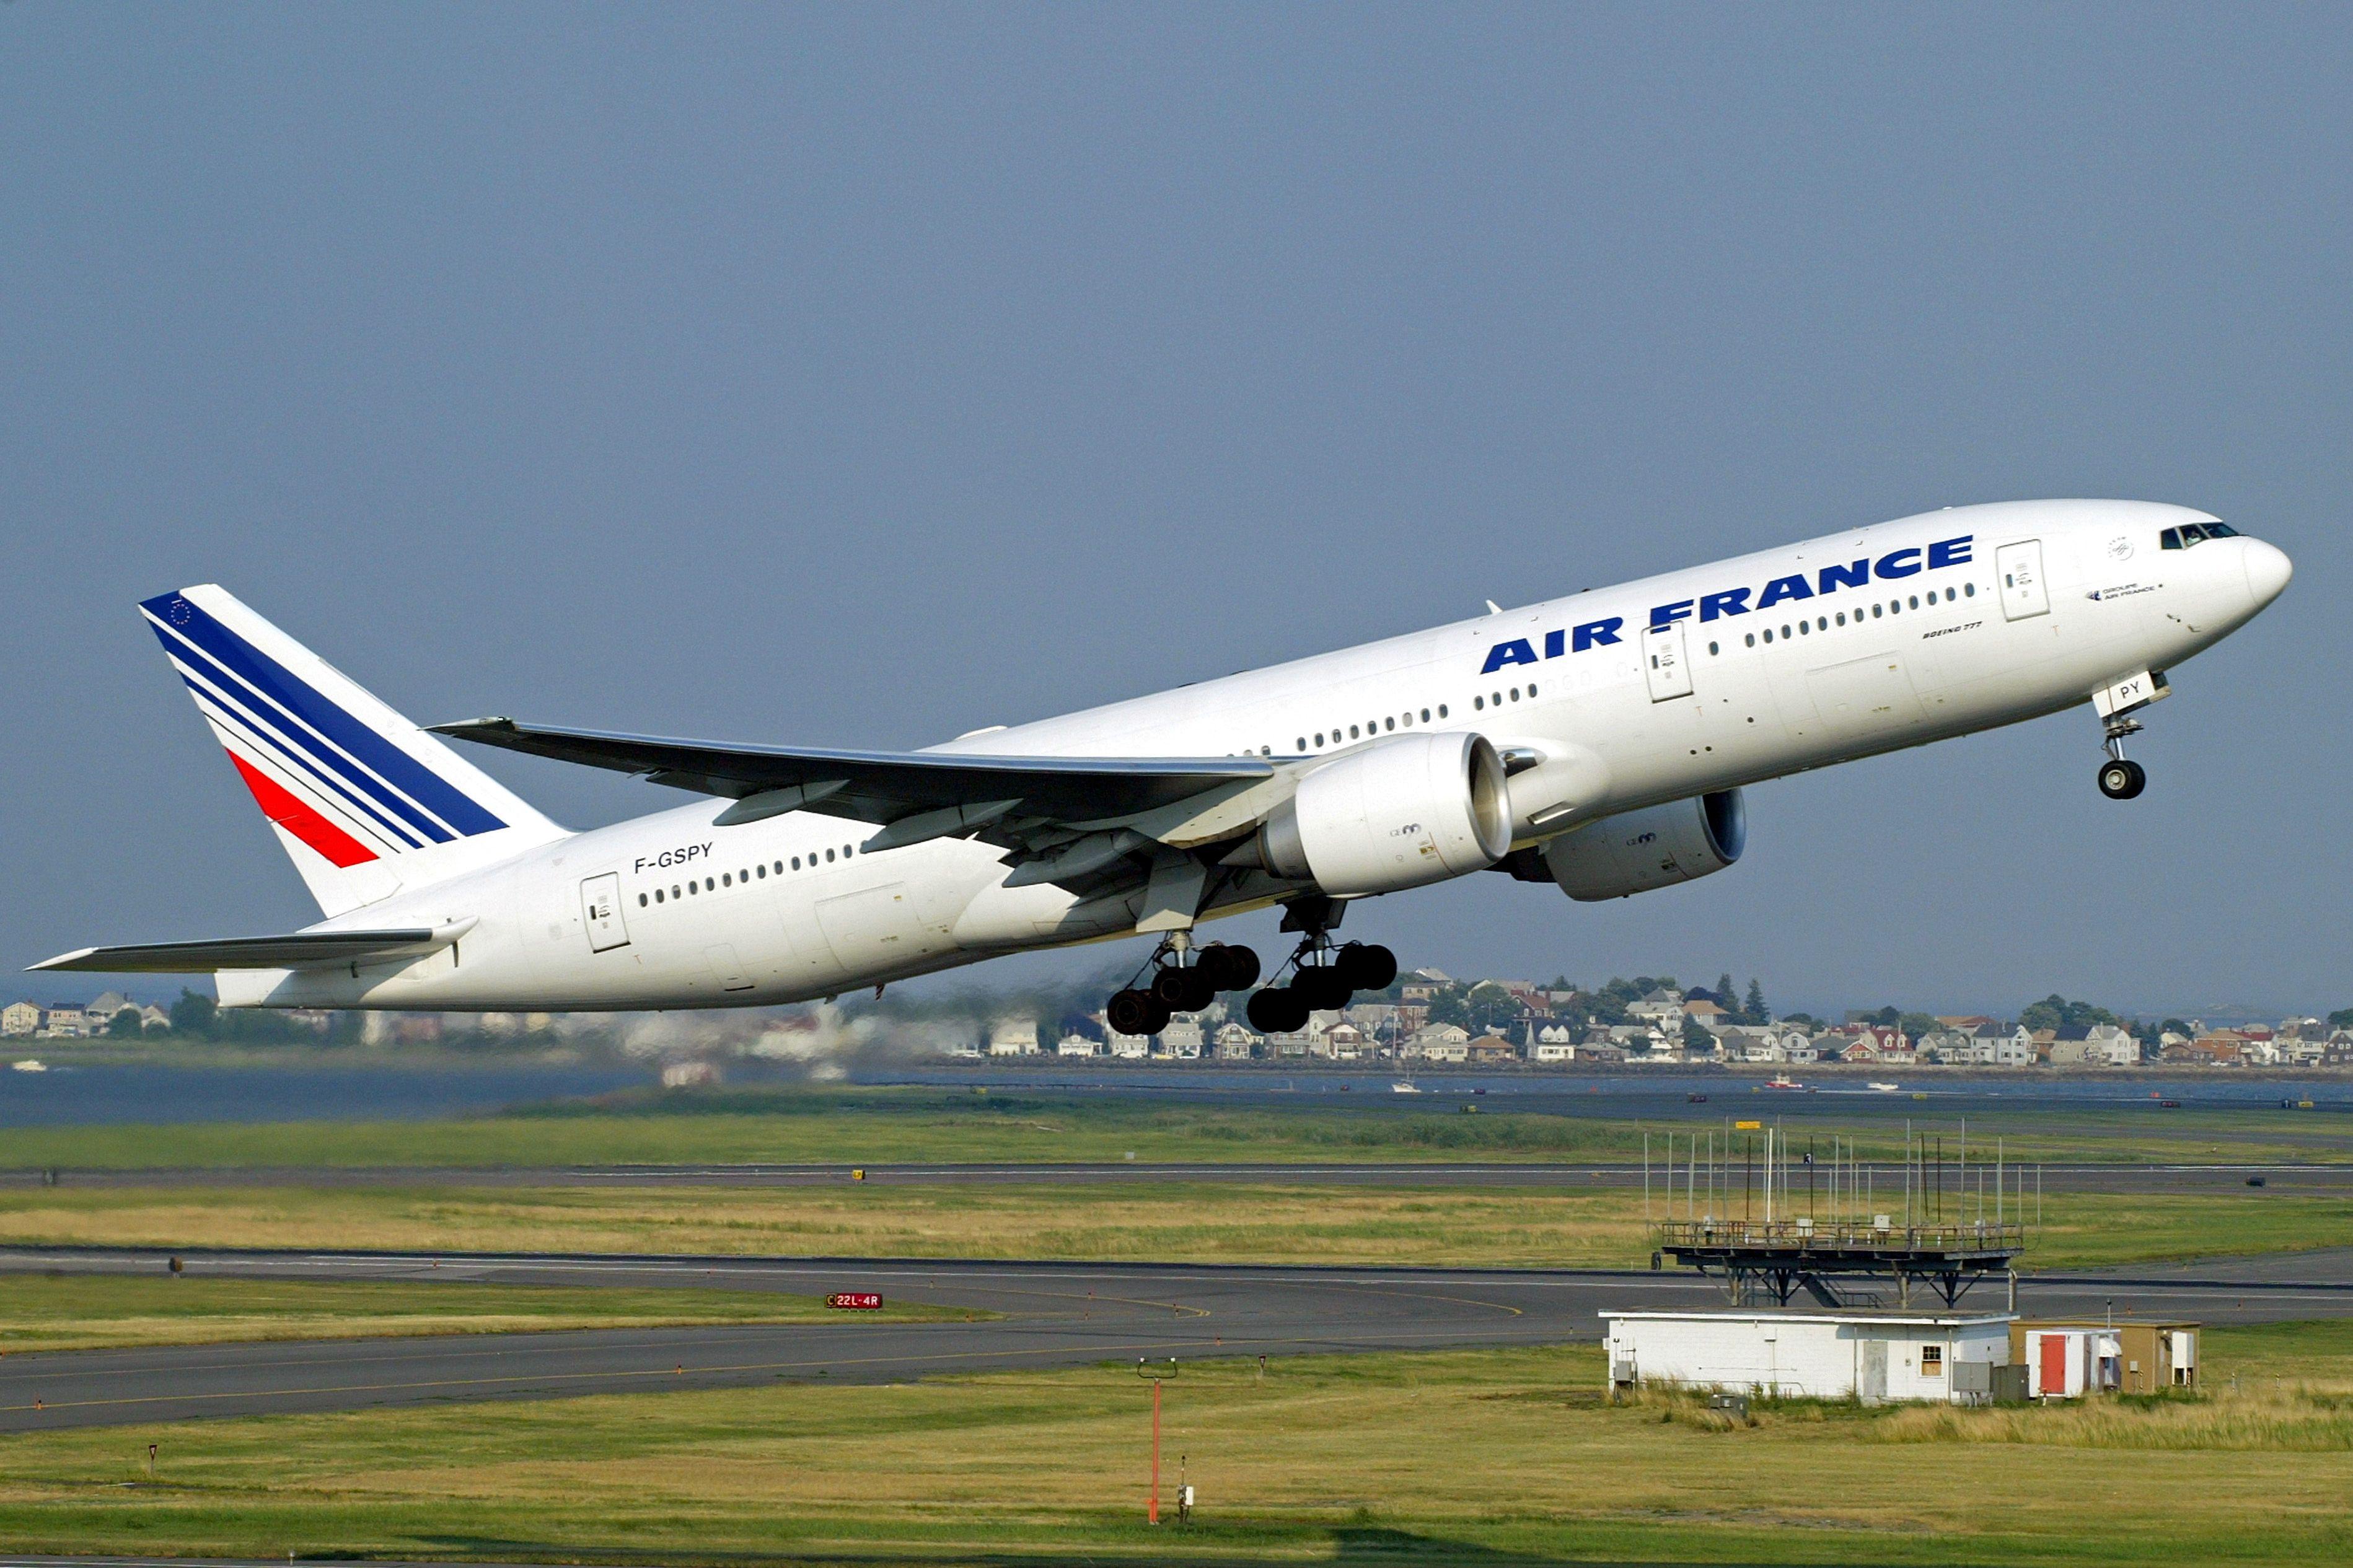 Air France sera-t-elle la dernière compagnie à baisser le prix de ses billets ?